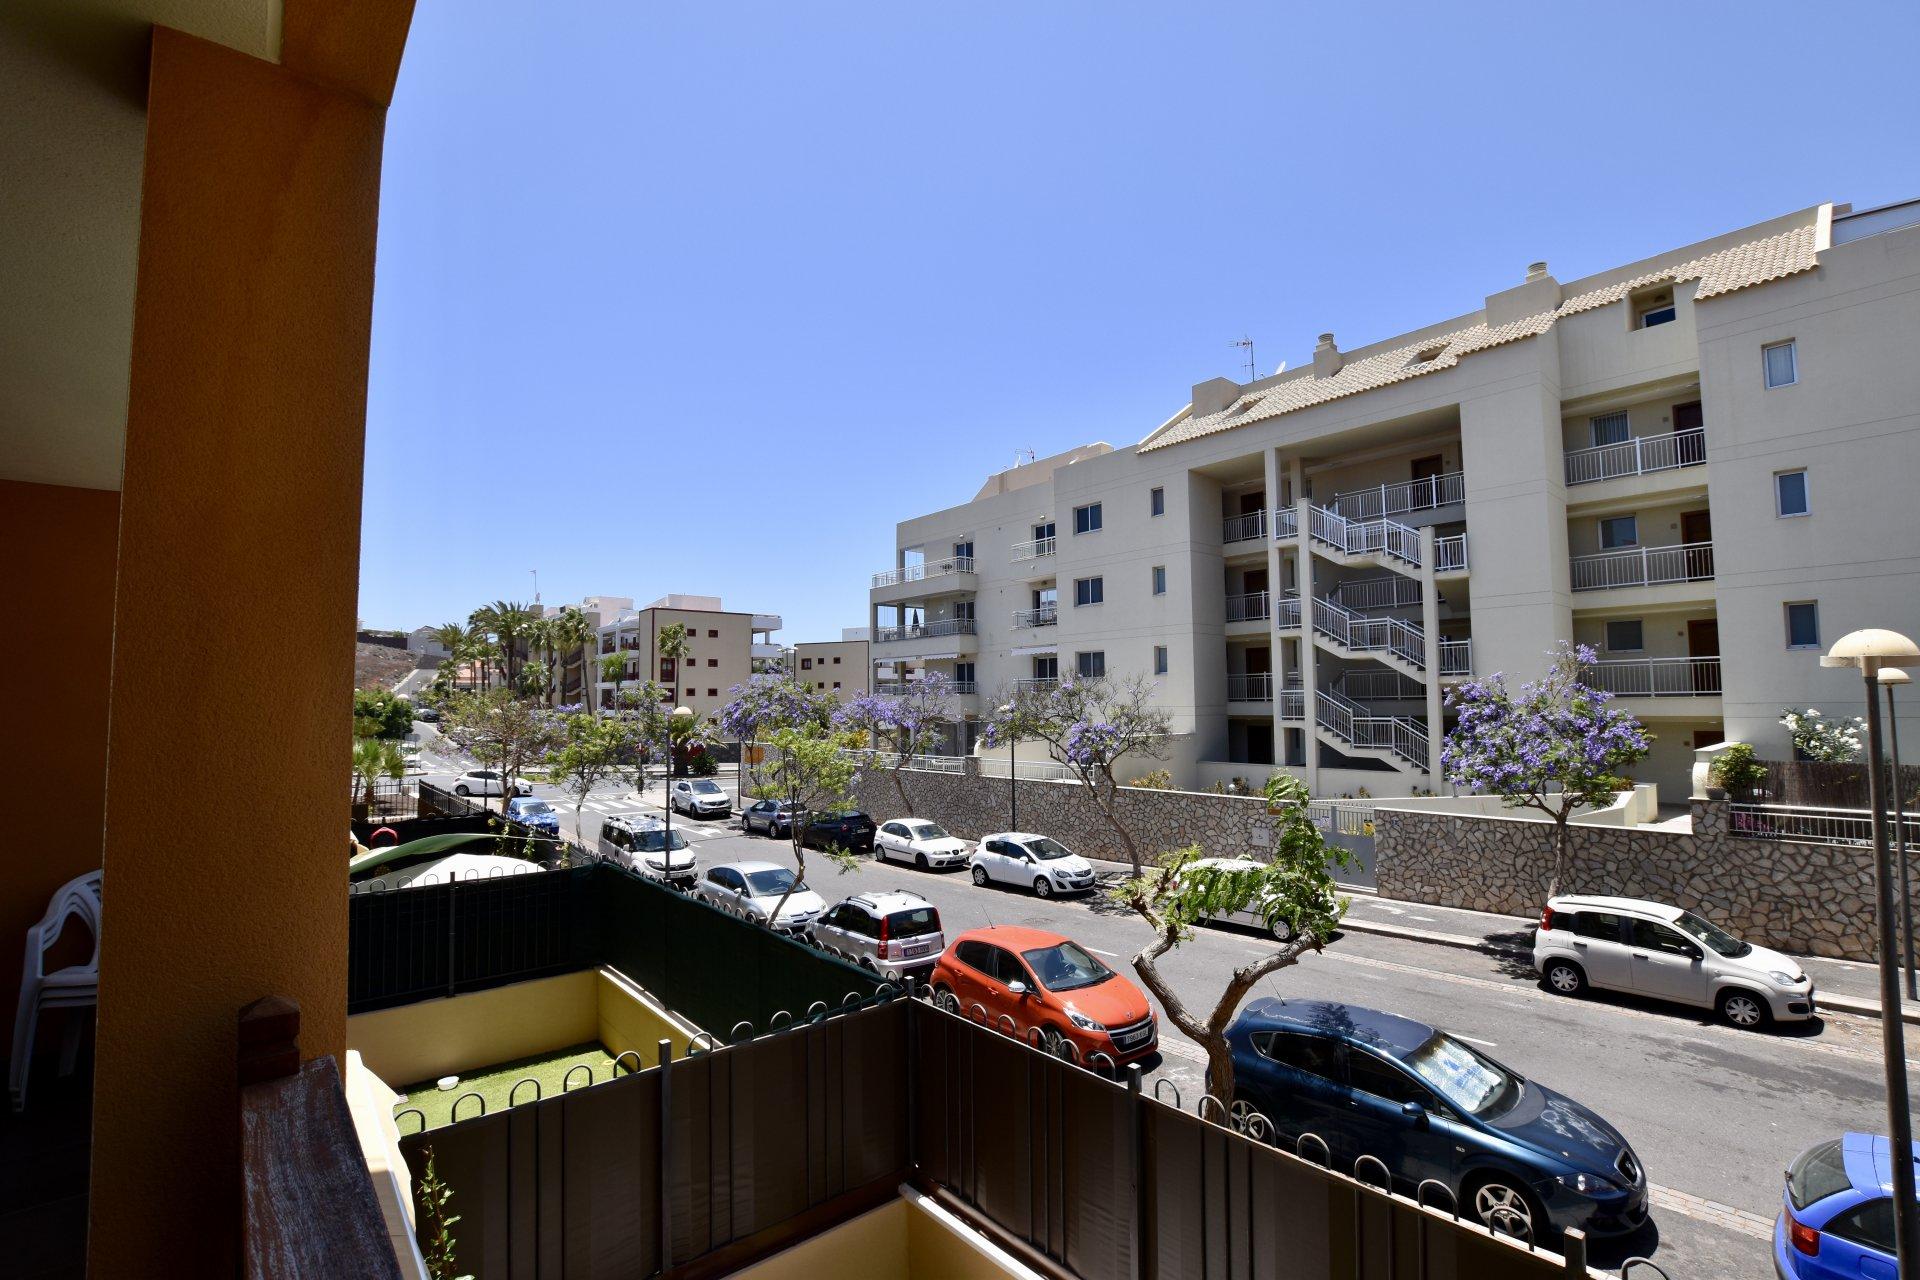 In vendita a Palm-Mar nella residenza El Mocan o in affitto-vendita